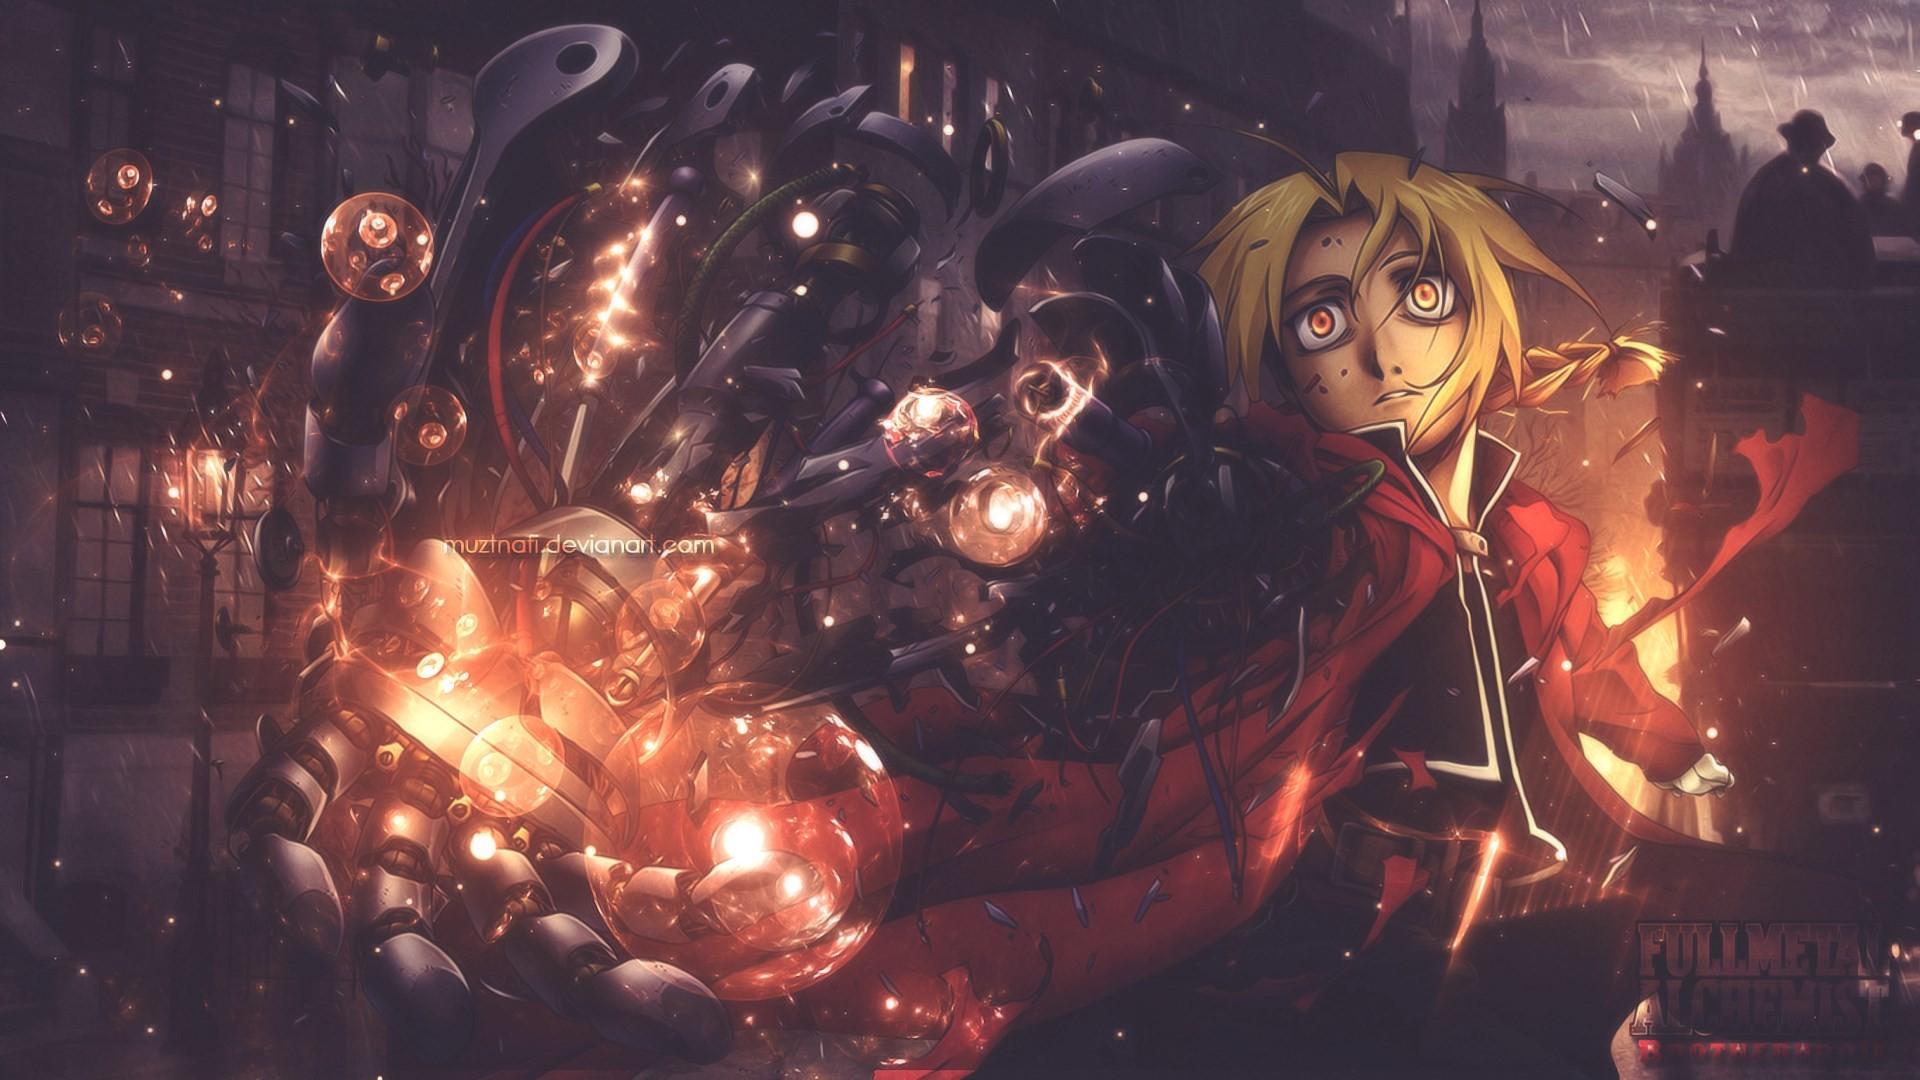 Fullmetal Alchemist Backgrounds (69+ images)